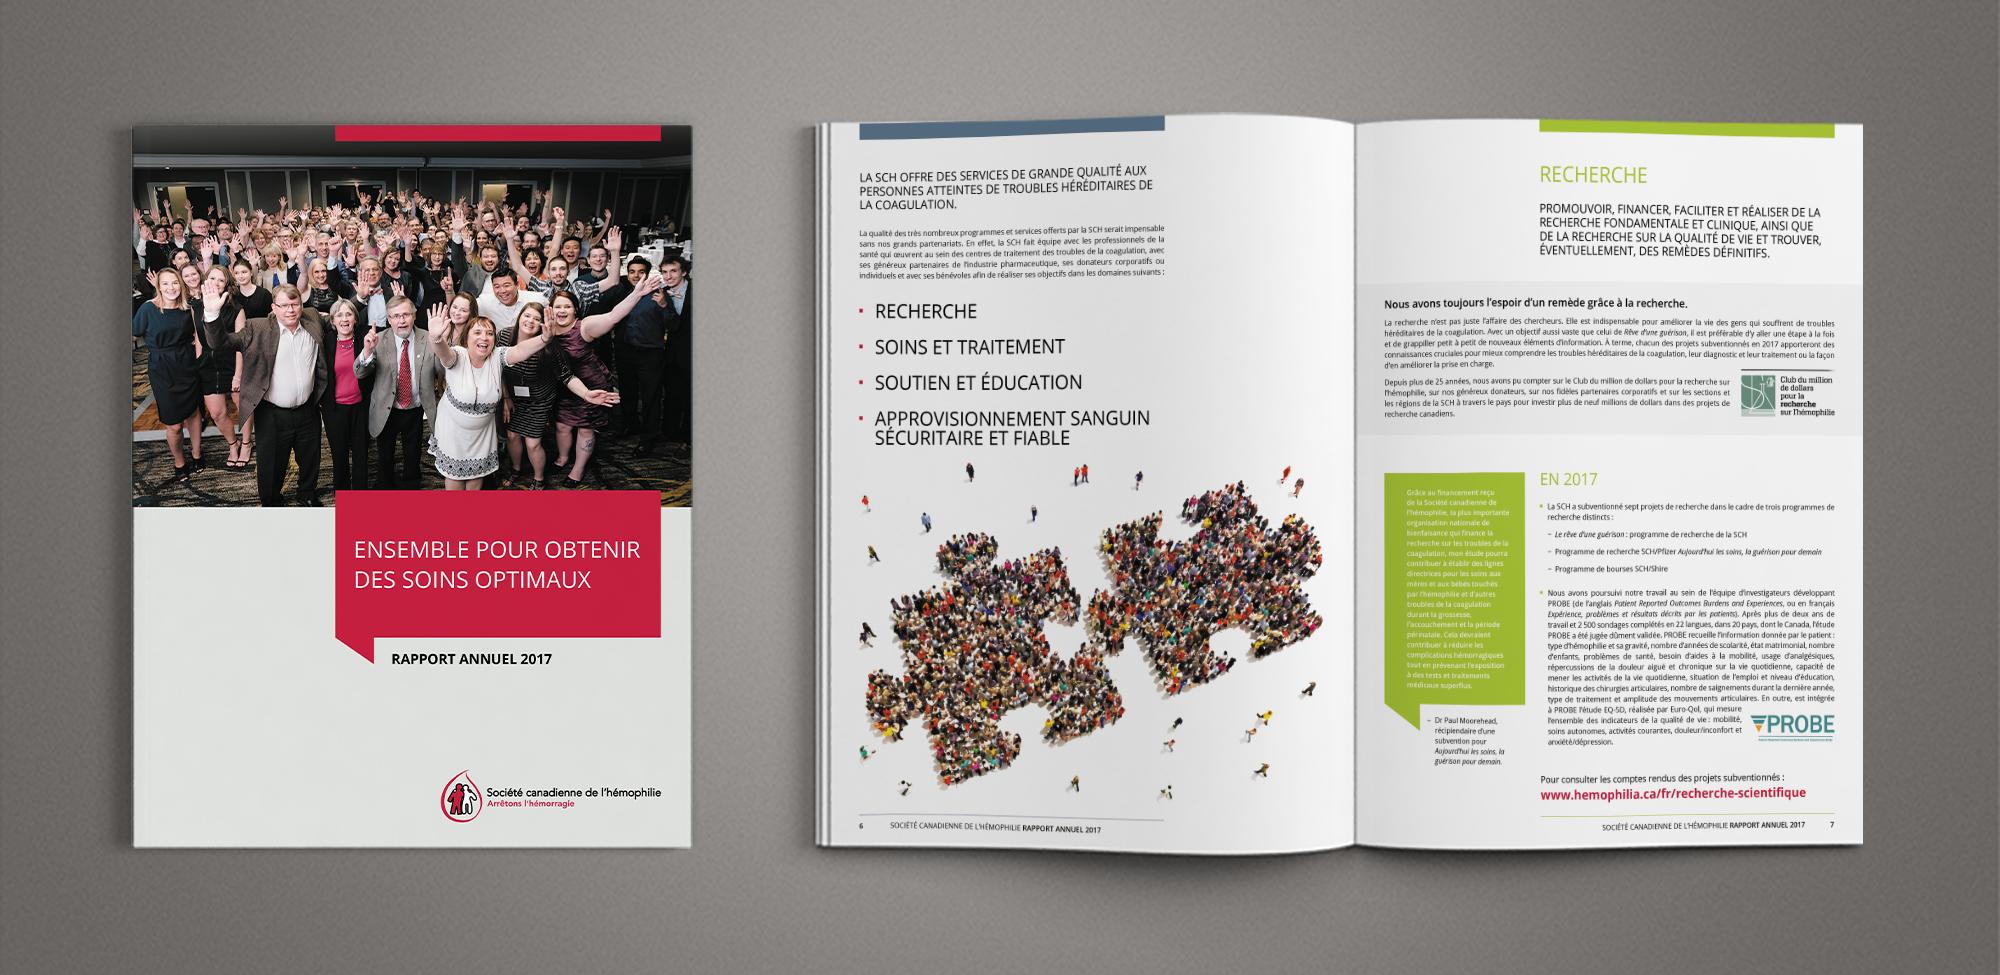 Société canadienne d'hémophilie - Rapport annuel 2017